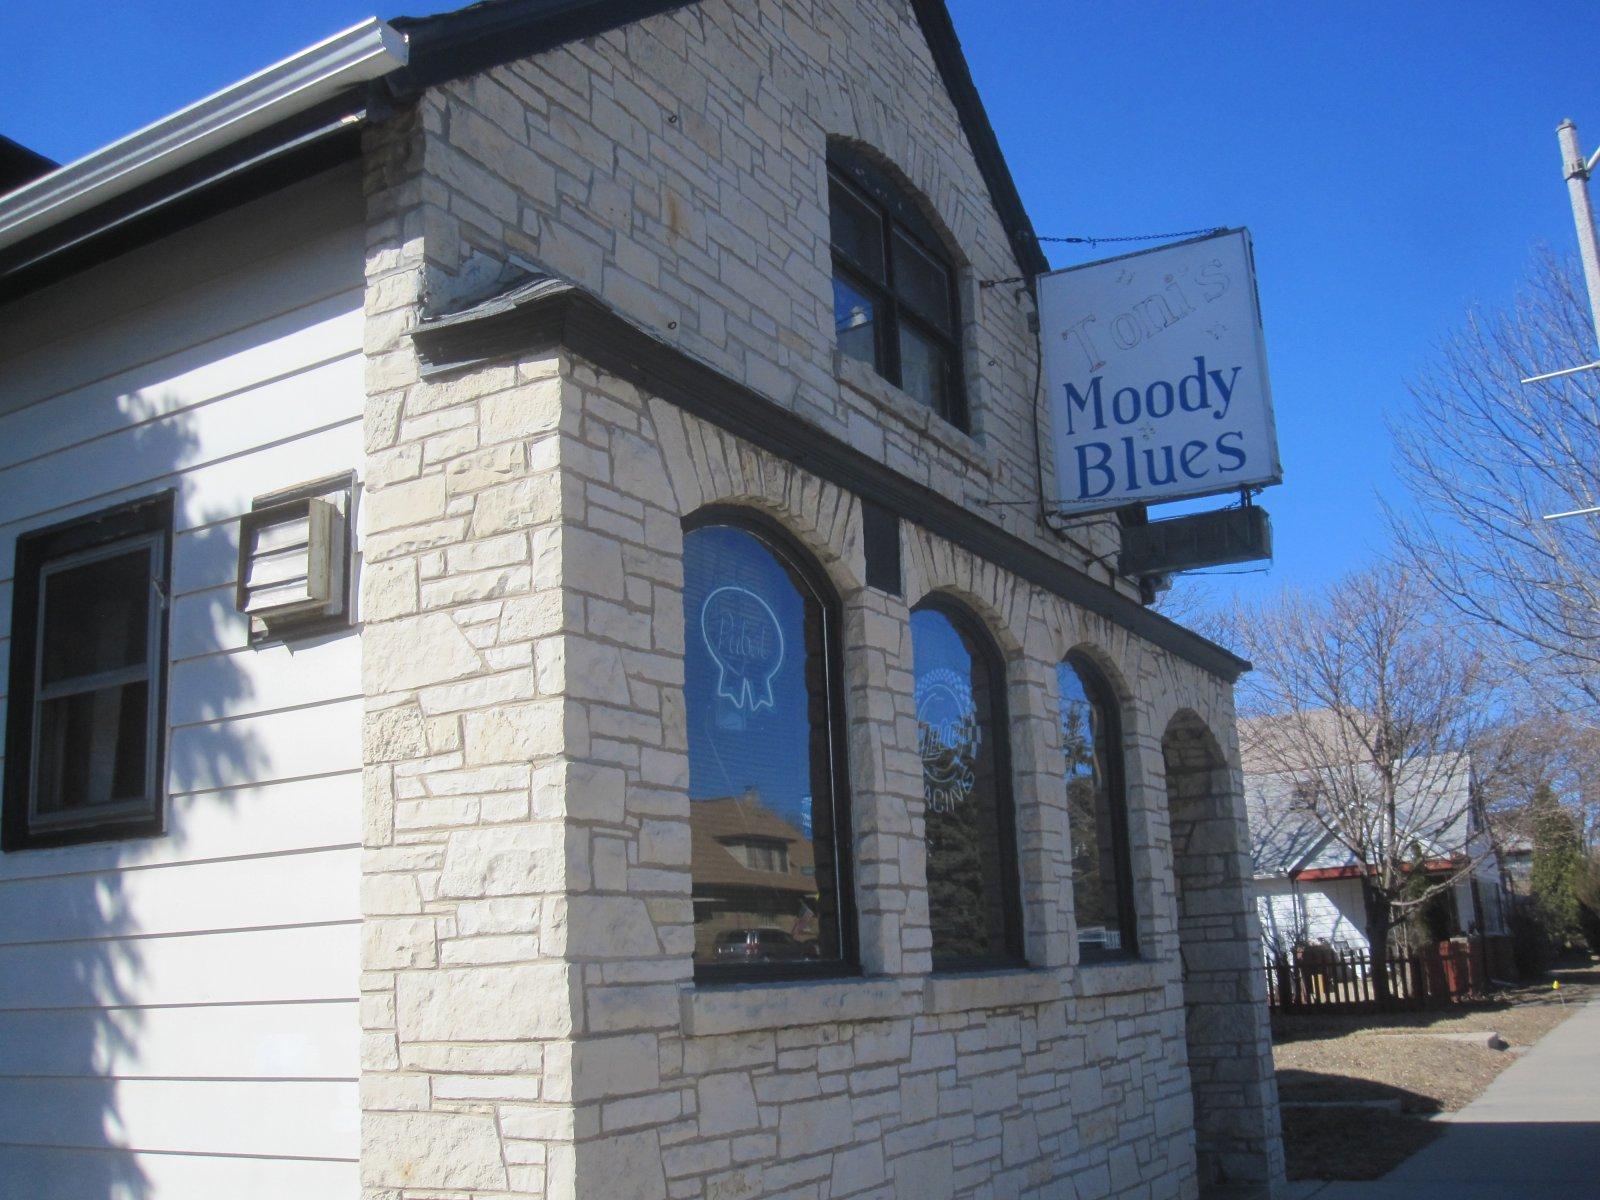 Toni's Moody Blues